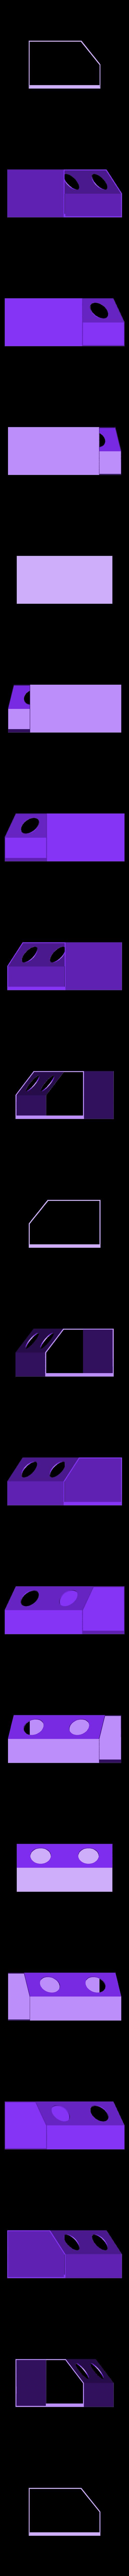 SodastreamSupport.stl Télécharger fichier STL gratuit Support sodastream • Modèle pour impression 3D, nash68